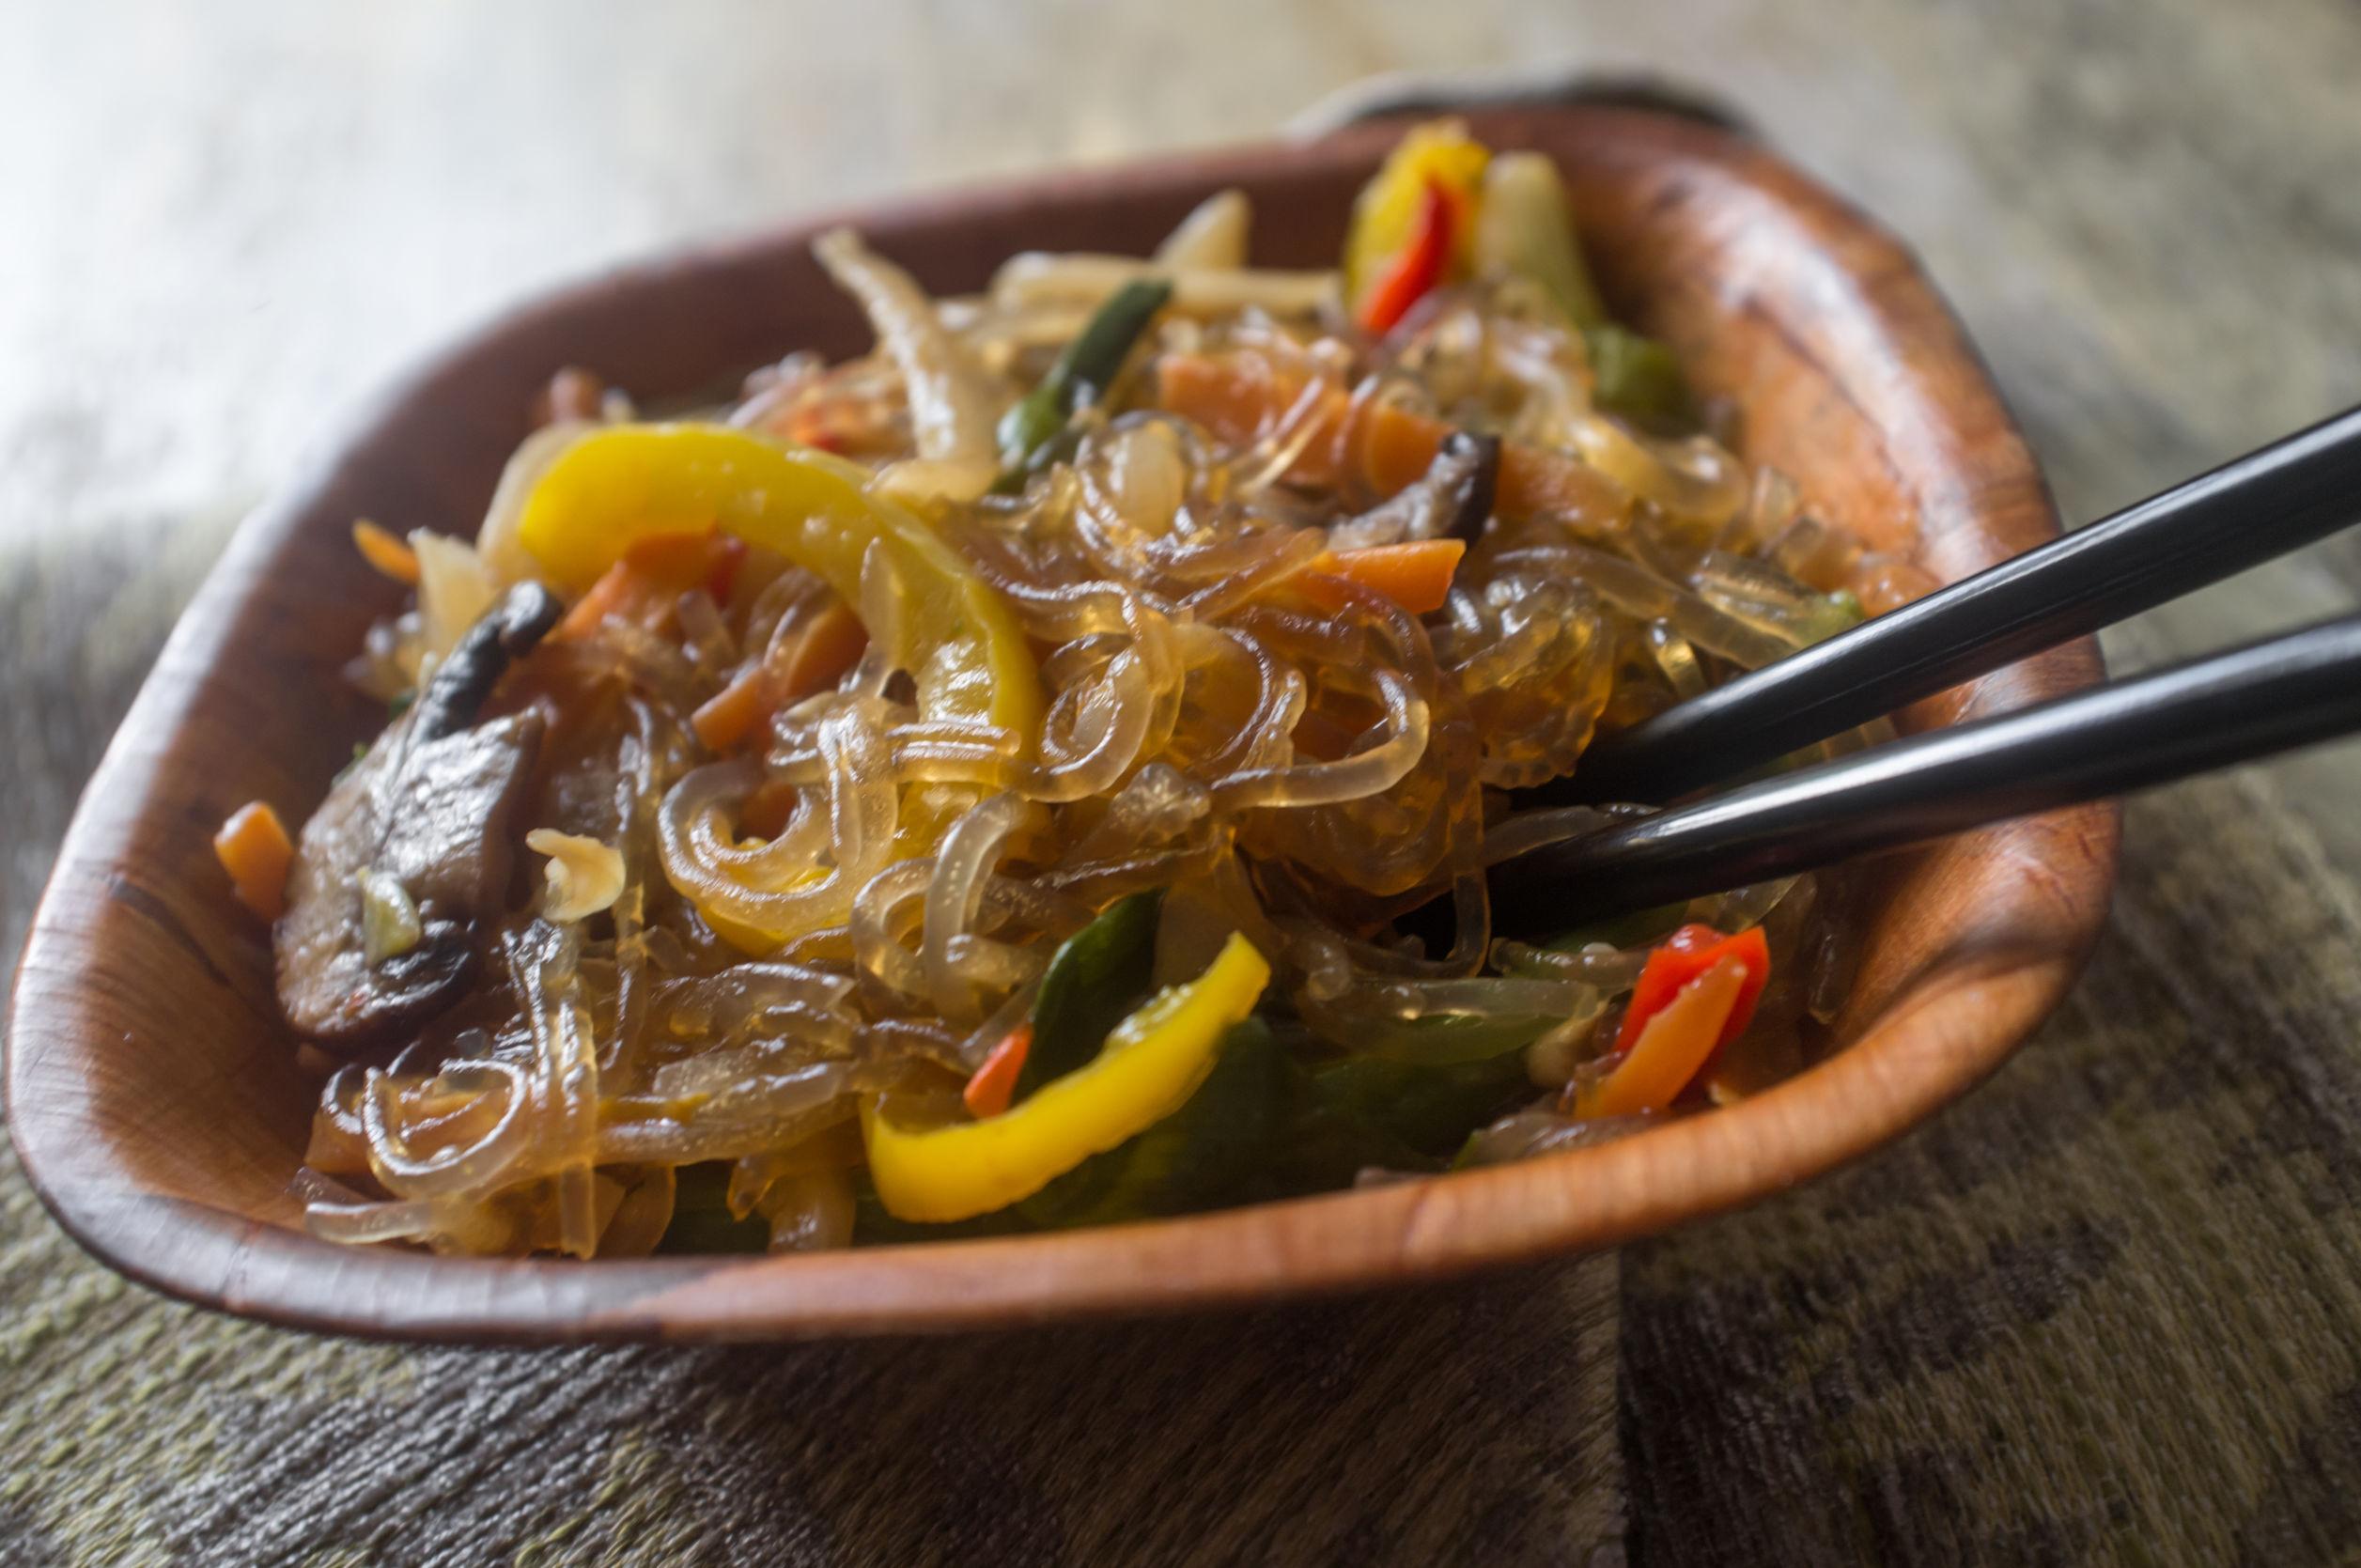 맛있는 추석음식, 칼로리 낮추는 식사·조리법